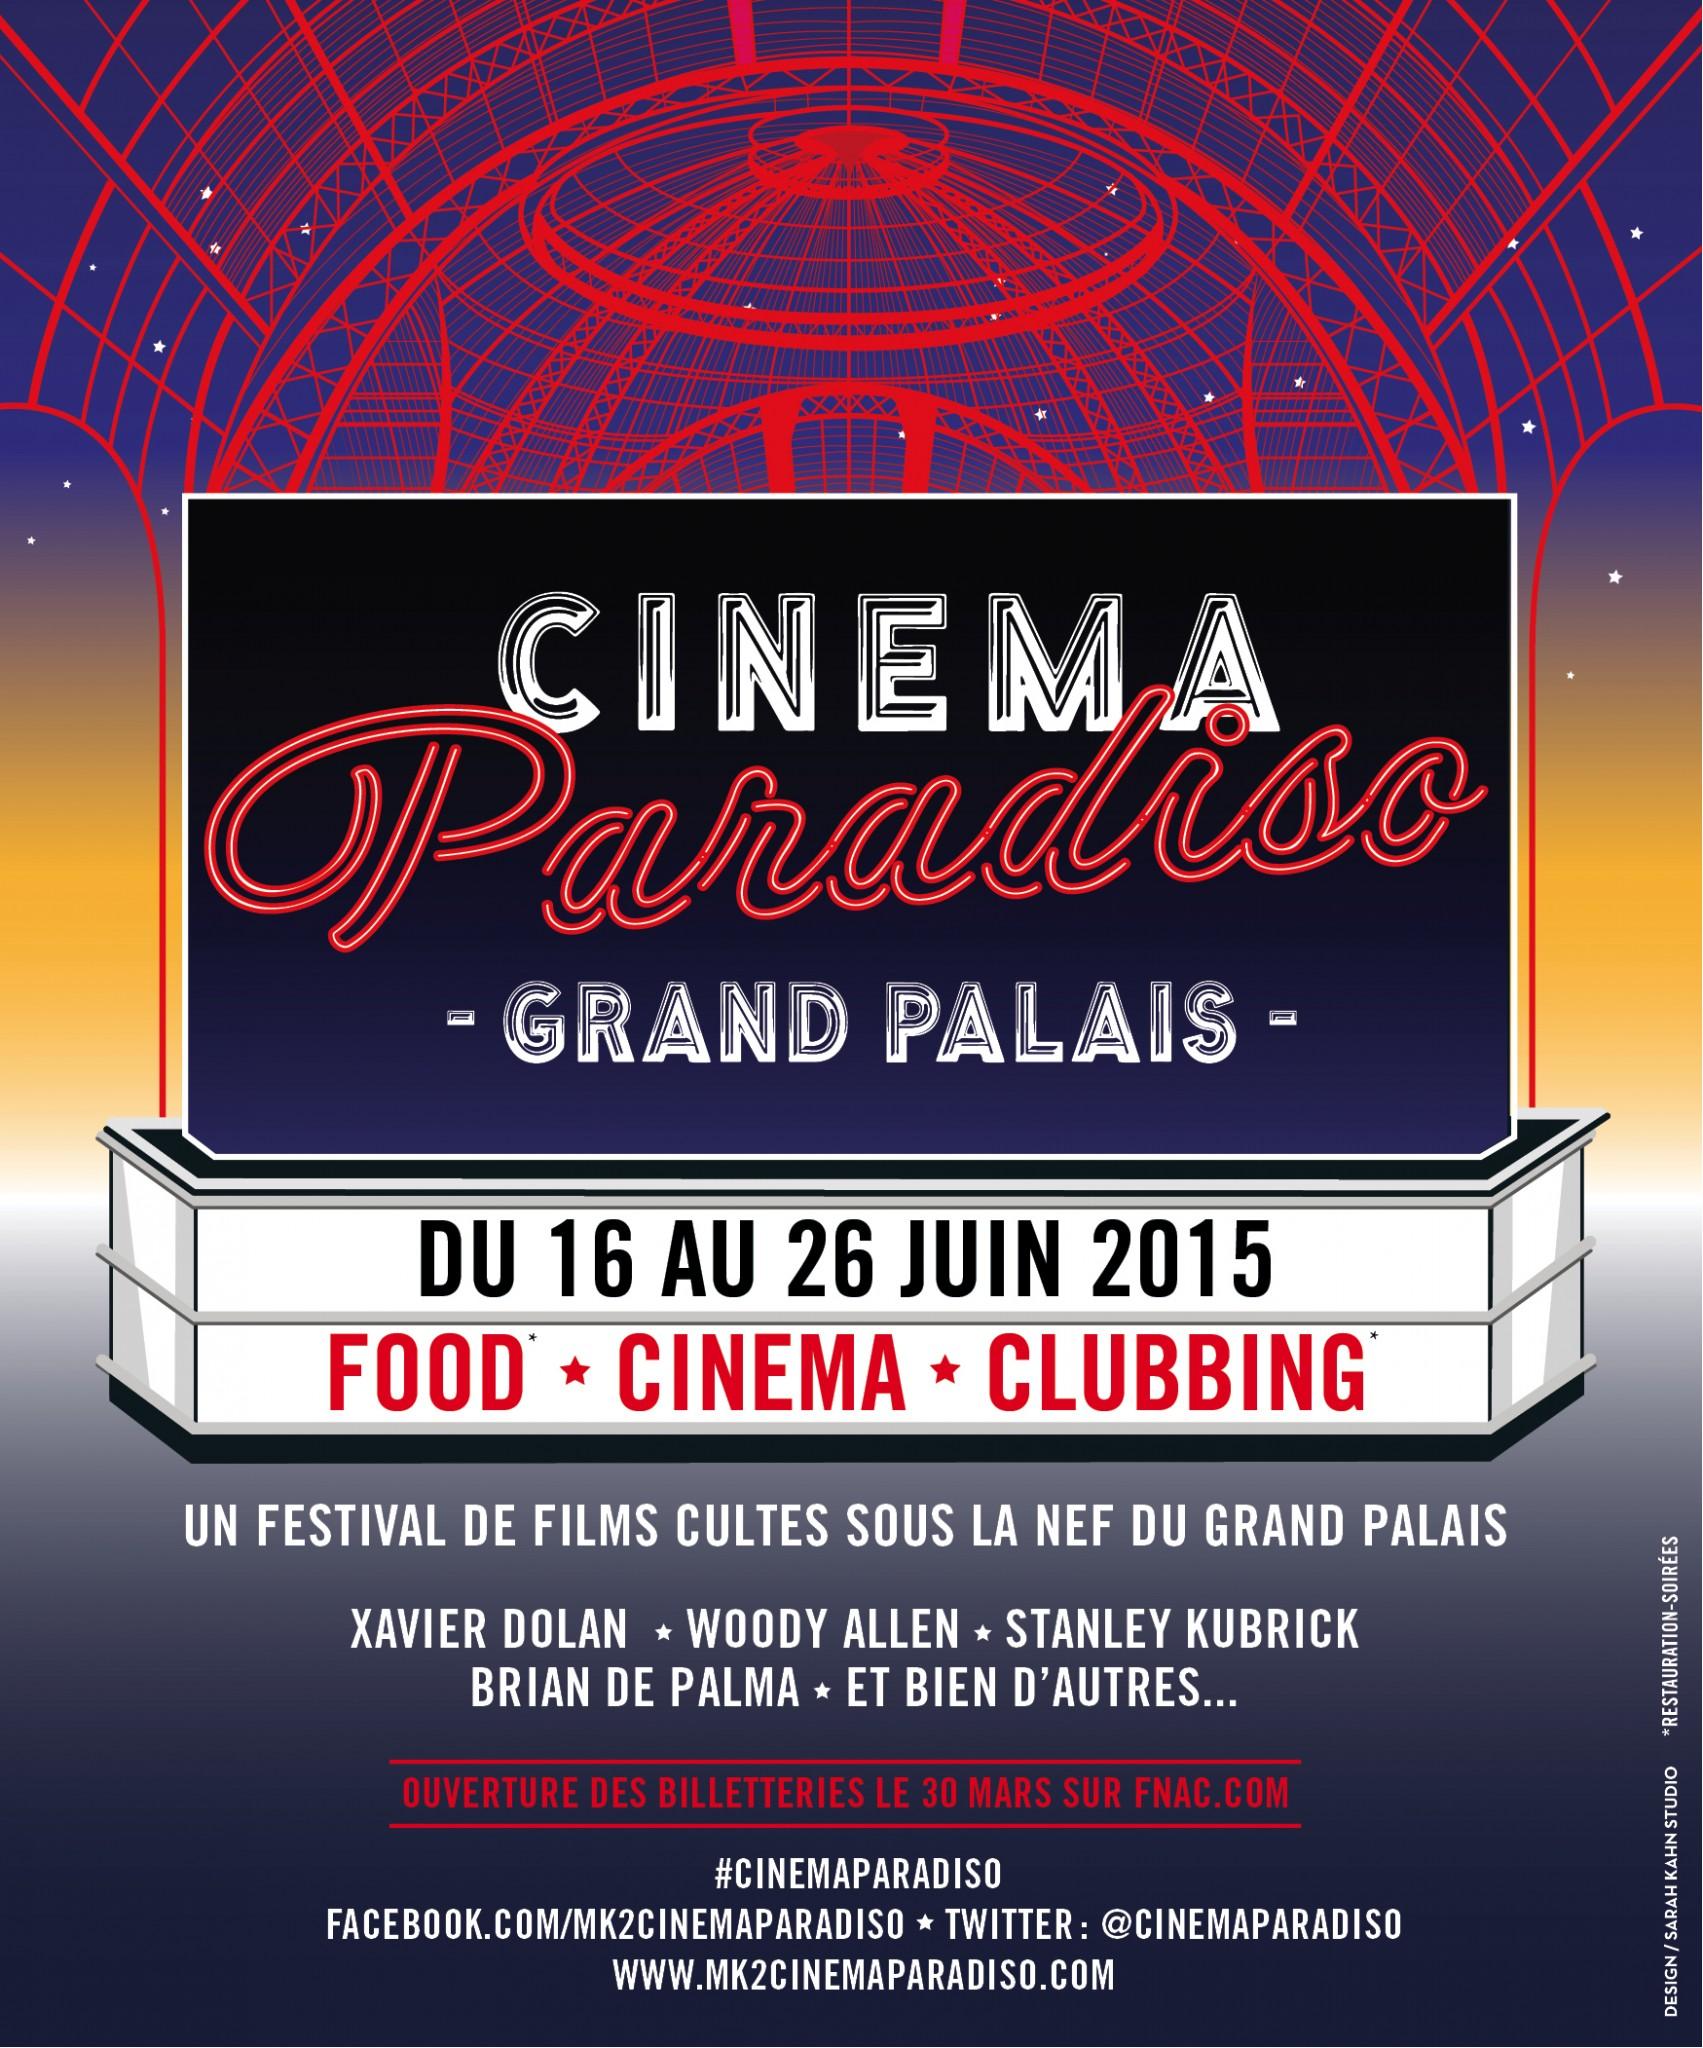 Cinema Paradiso, piège à badauds ou eldorado bobo ? 4 image